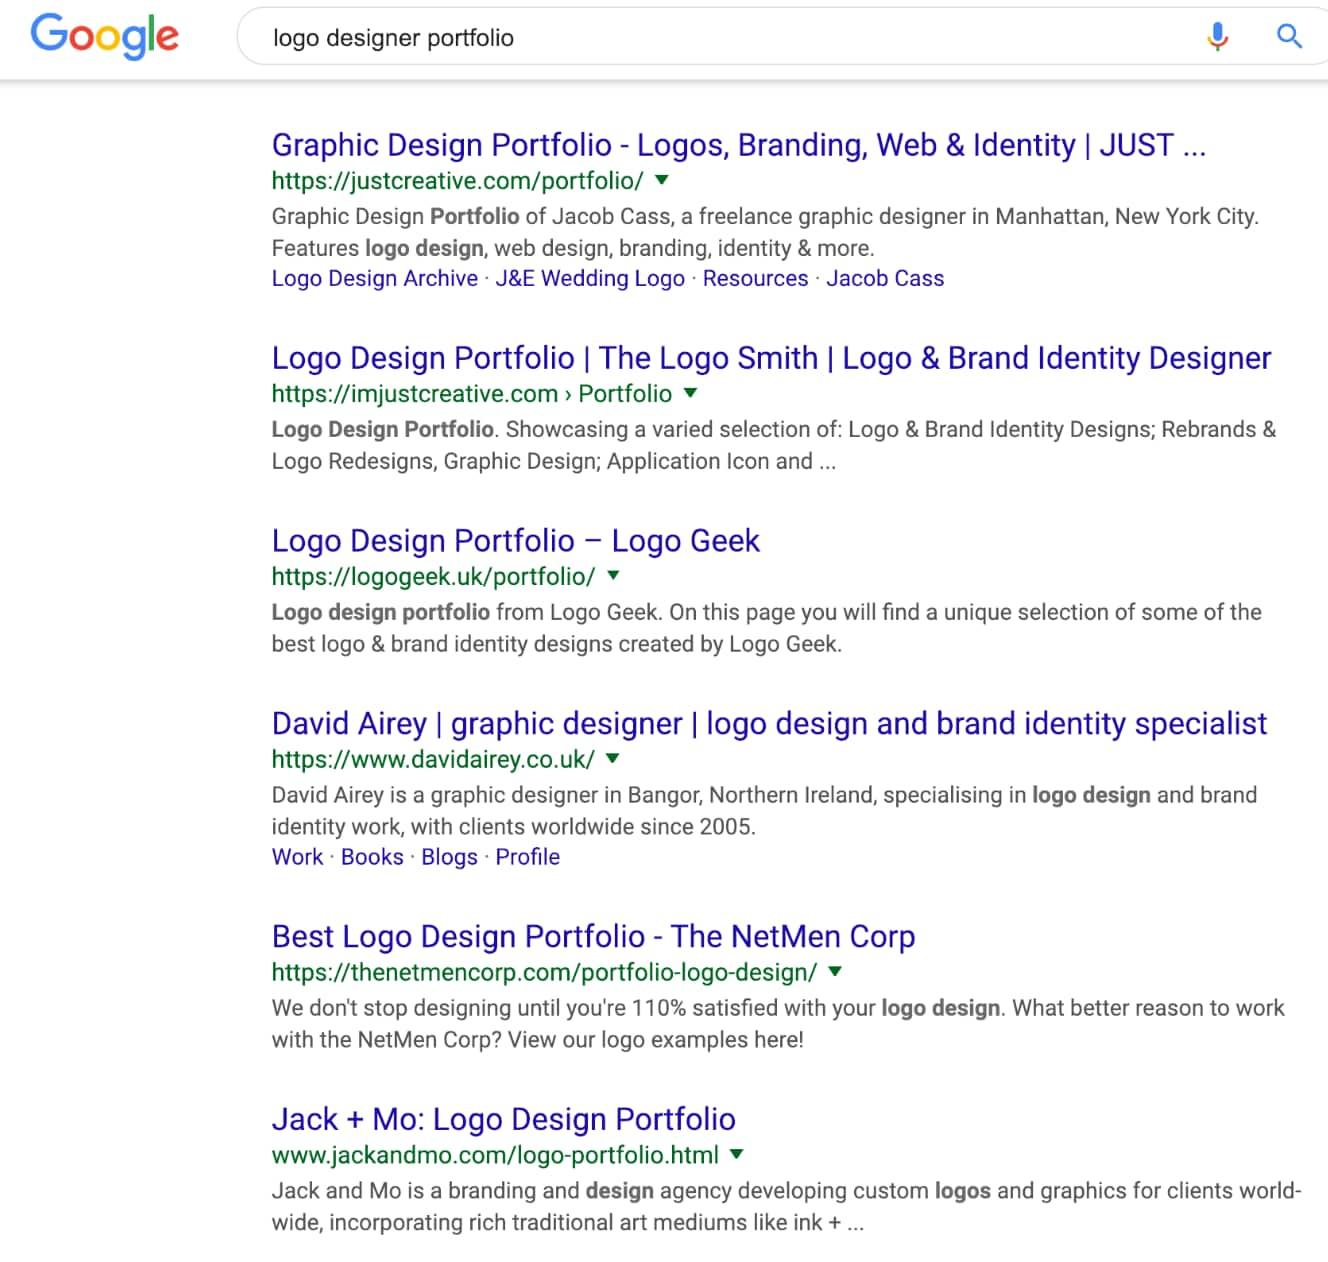 Résultats de la 1ère page de recherche Google pour